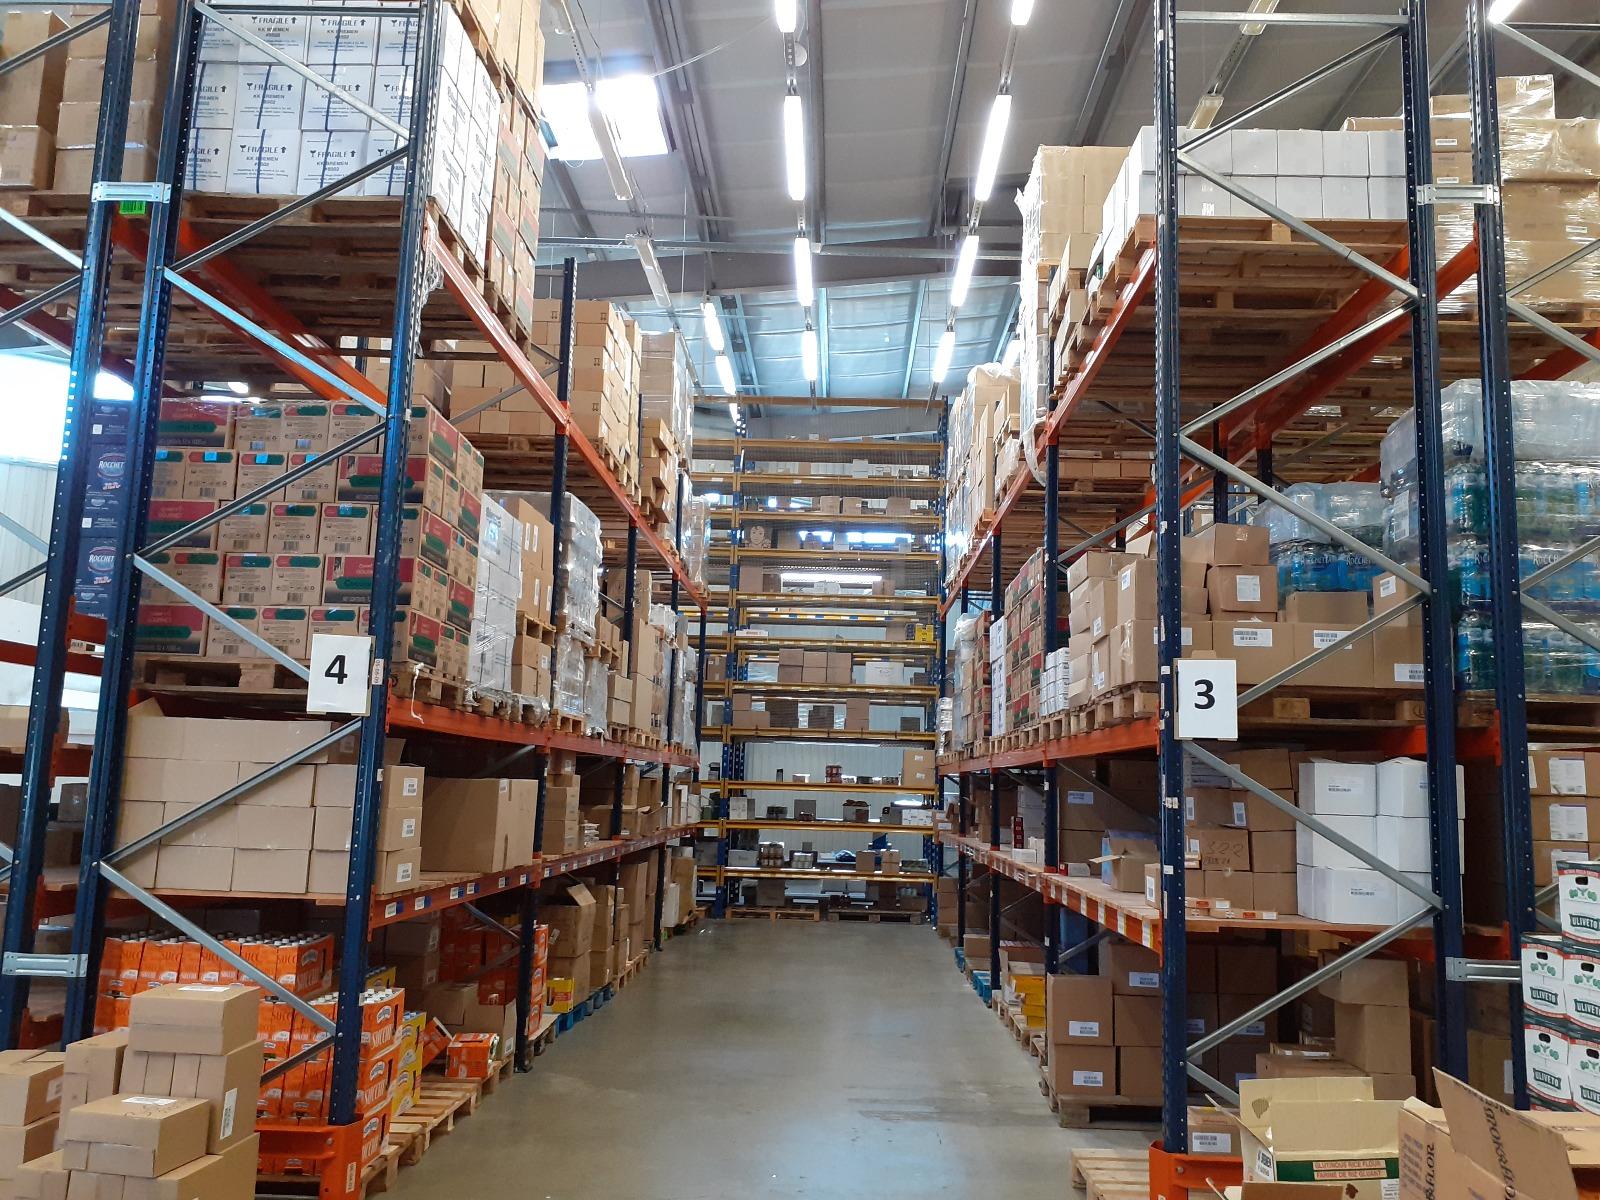 """""""Reaton"""" valdo didžiulį sandėlių kompleksą bei automobilinių šaldytuvų parką, todėl užsakymų pristatymas užtikrinamas visose Baltijos šalyse.  Rygoje atidarytas sandėlis sėkmingai papildo Baltijos šalių logistikos schemą, prisijungdamas prie įmonės sandėlio Vilniuje. Sandėlis Vilniuje suteikia galimybę kokybiškai sandėliuoti produktus ir juos reguliariai platinti Baltijos šalių regione."""